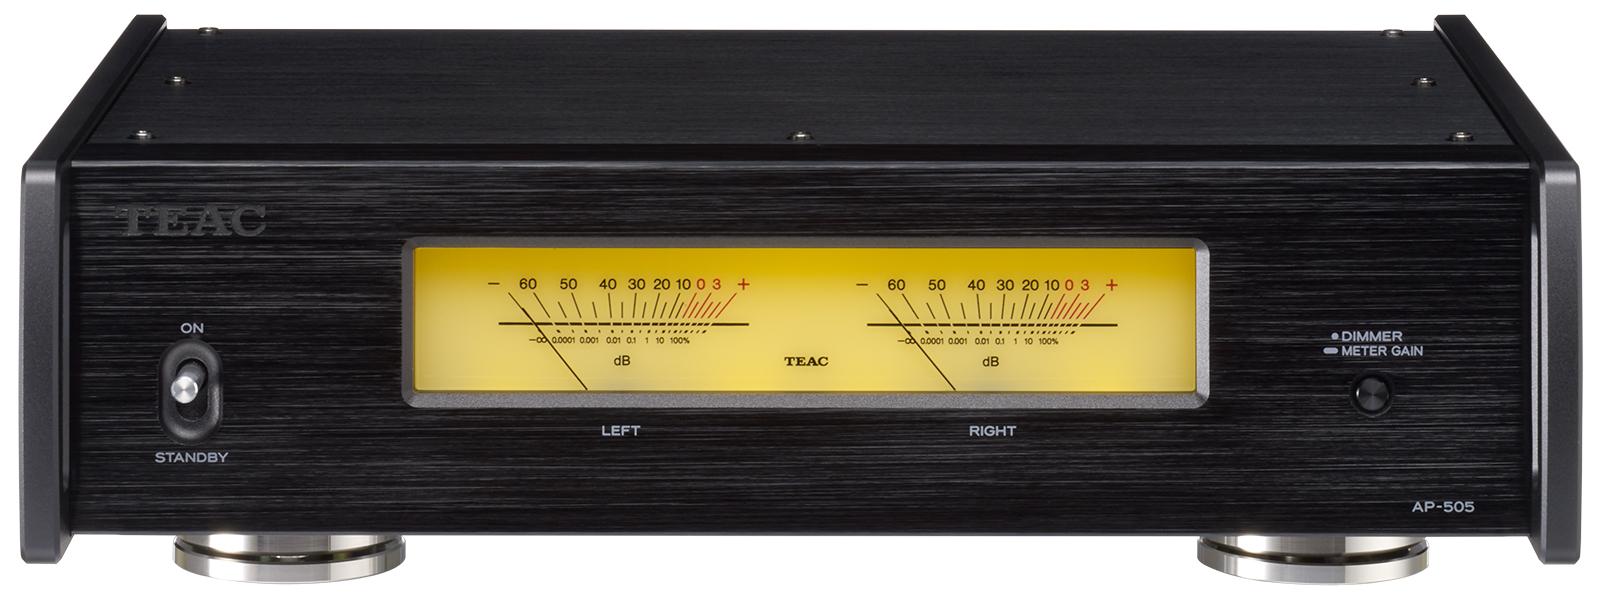 ステレオパワーアンプ 当店限定販売 TEAC AP-505 信用 B ブラック